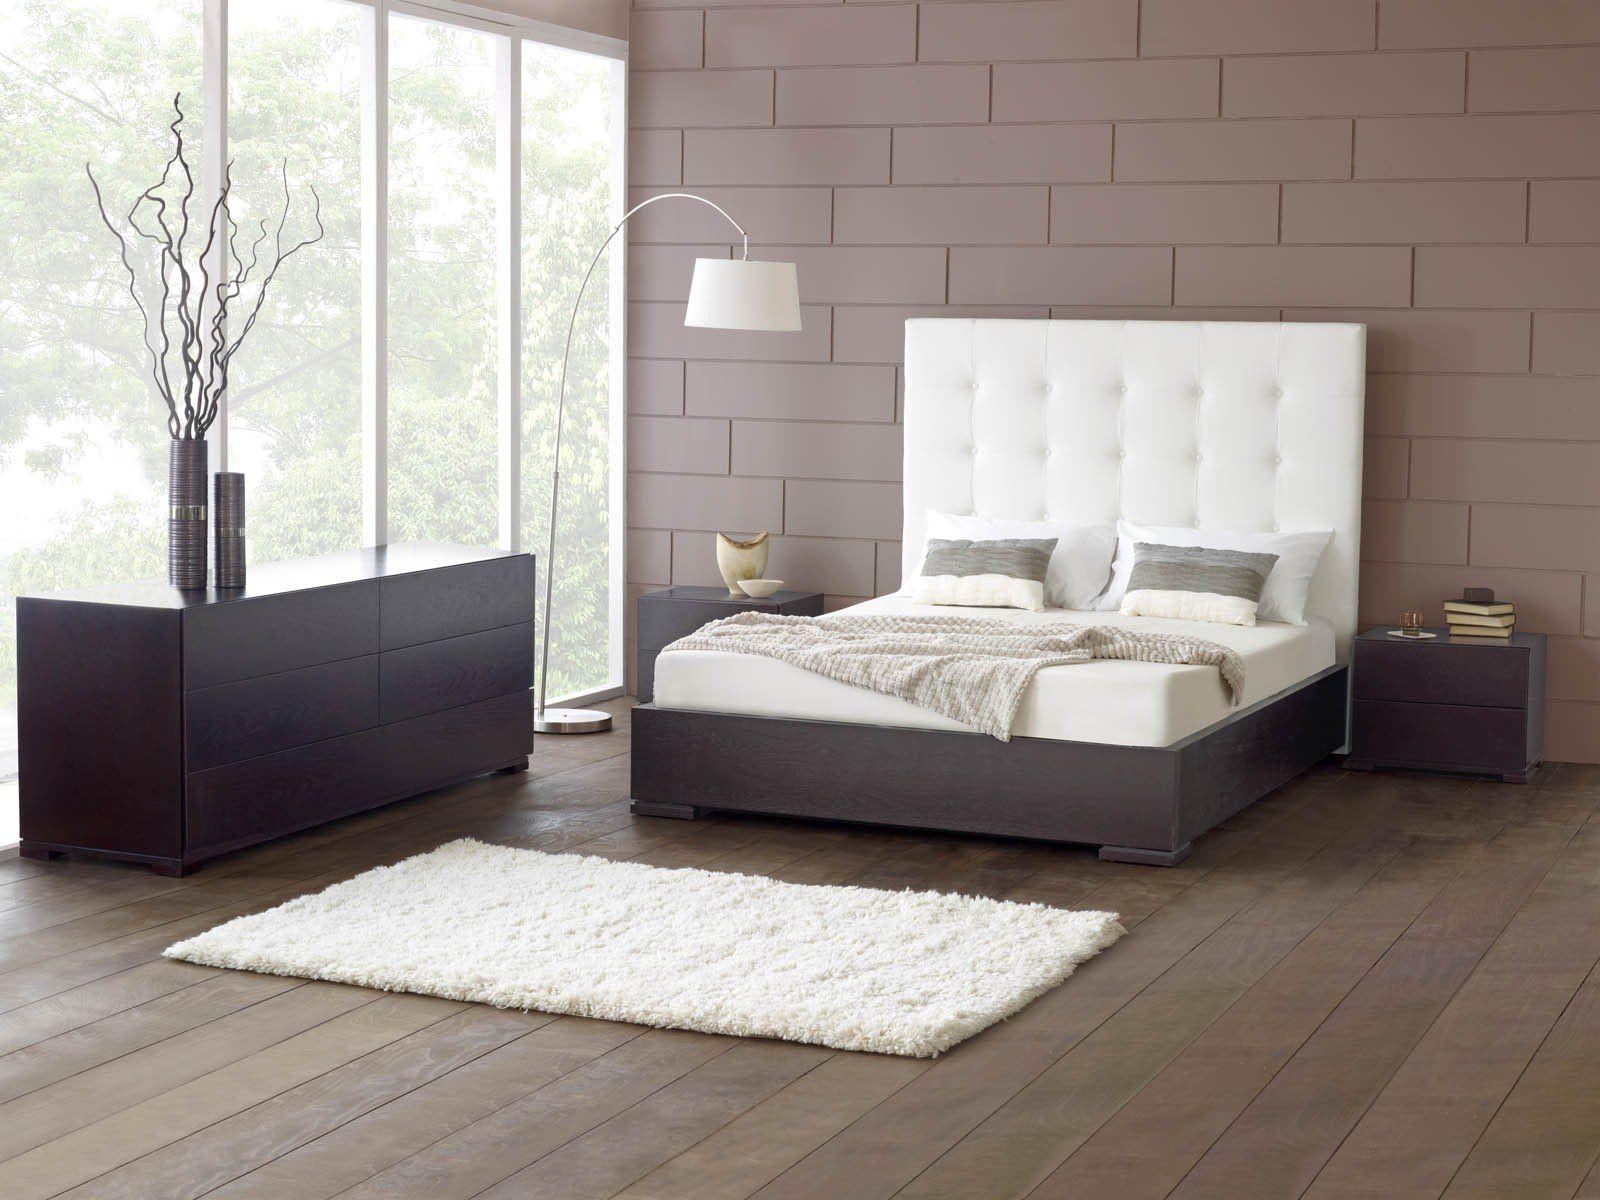 Minimalist modern home interior design modern home interior design